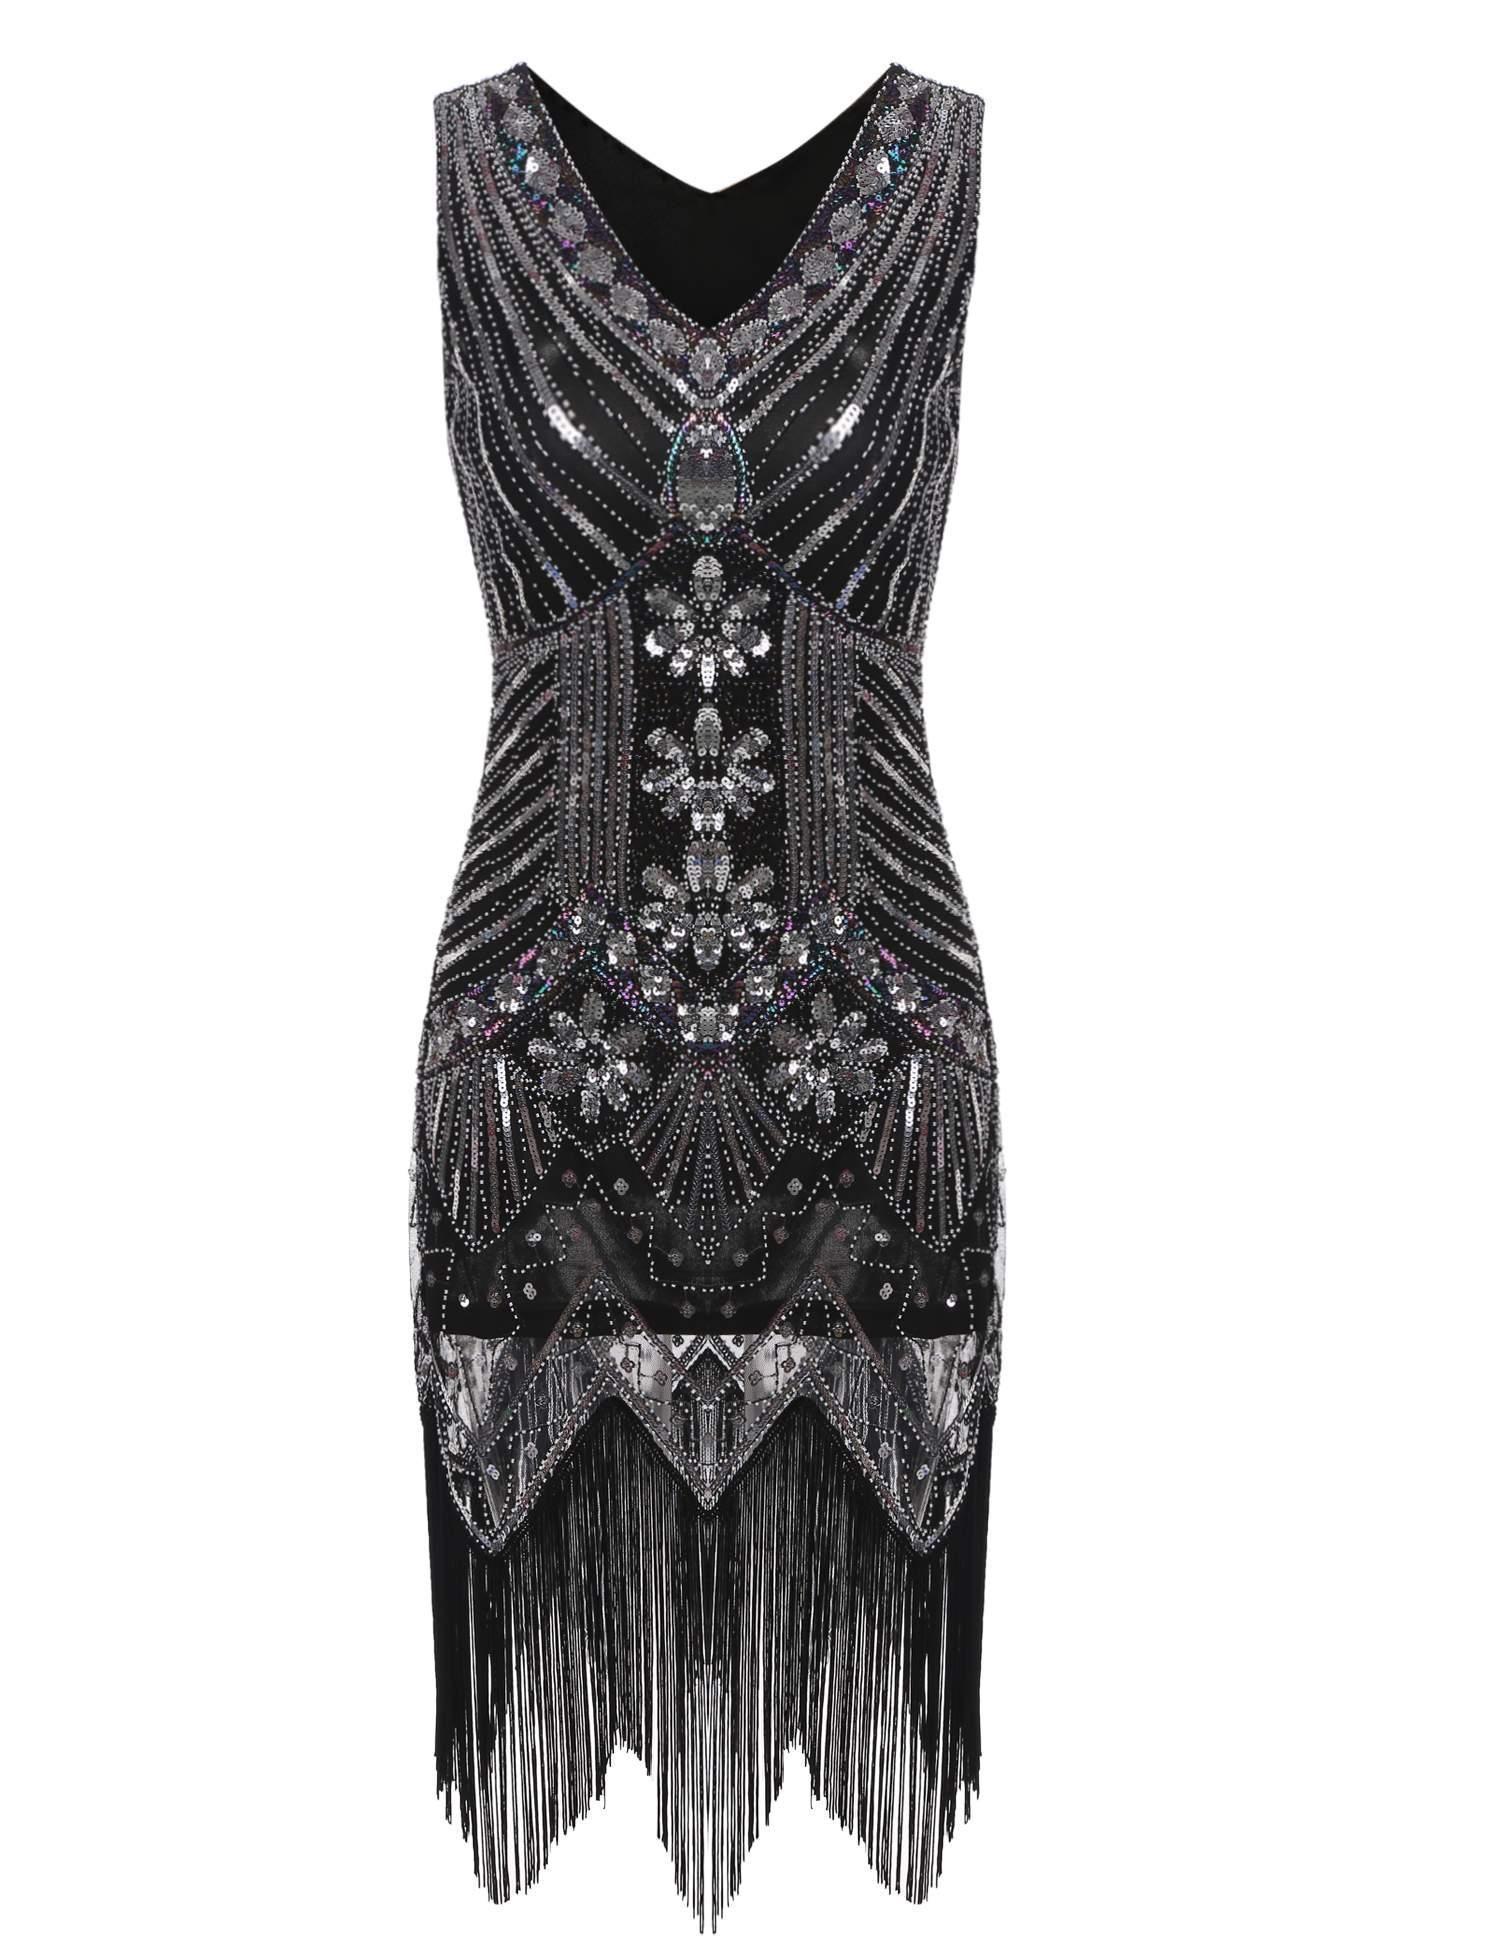 1920s Sequined Fringe Dress 1920s Fashion Vintage Dresses Flapper Dress